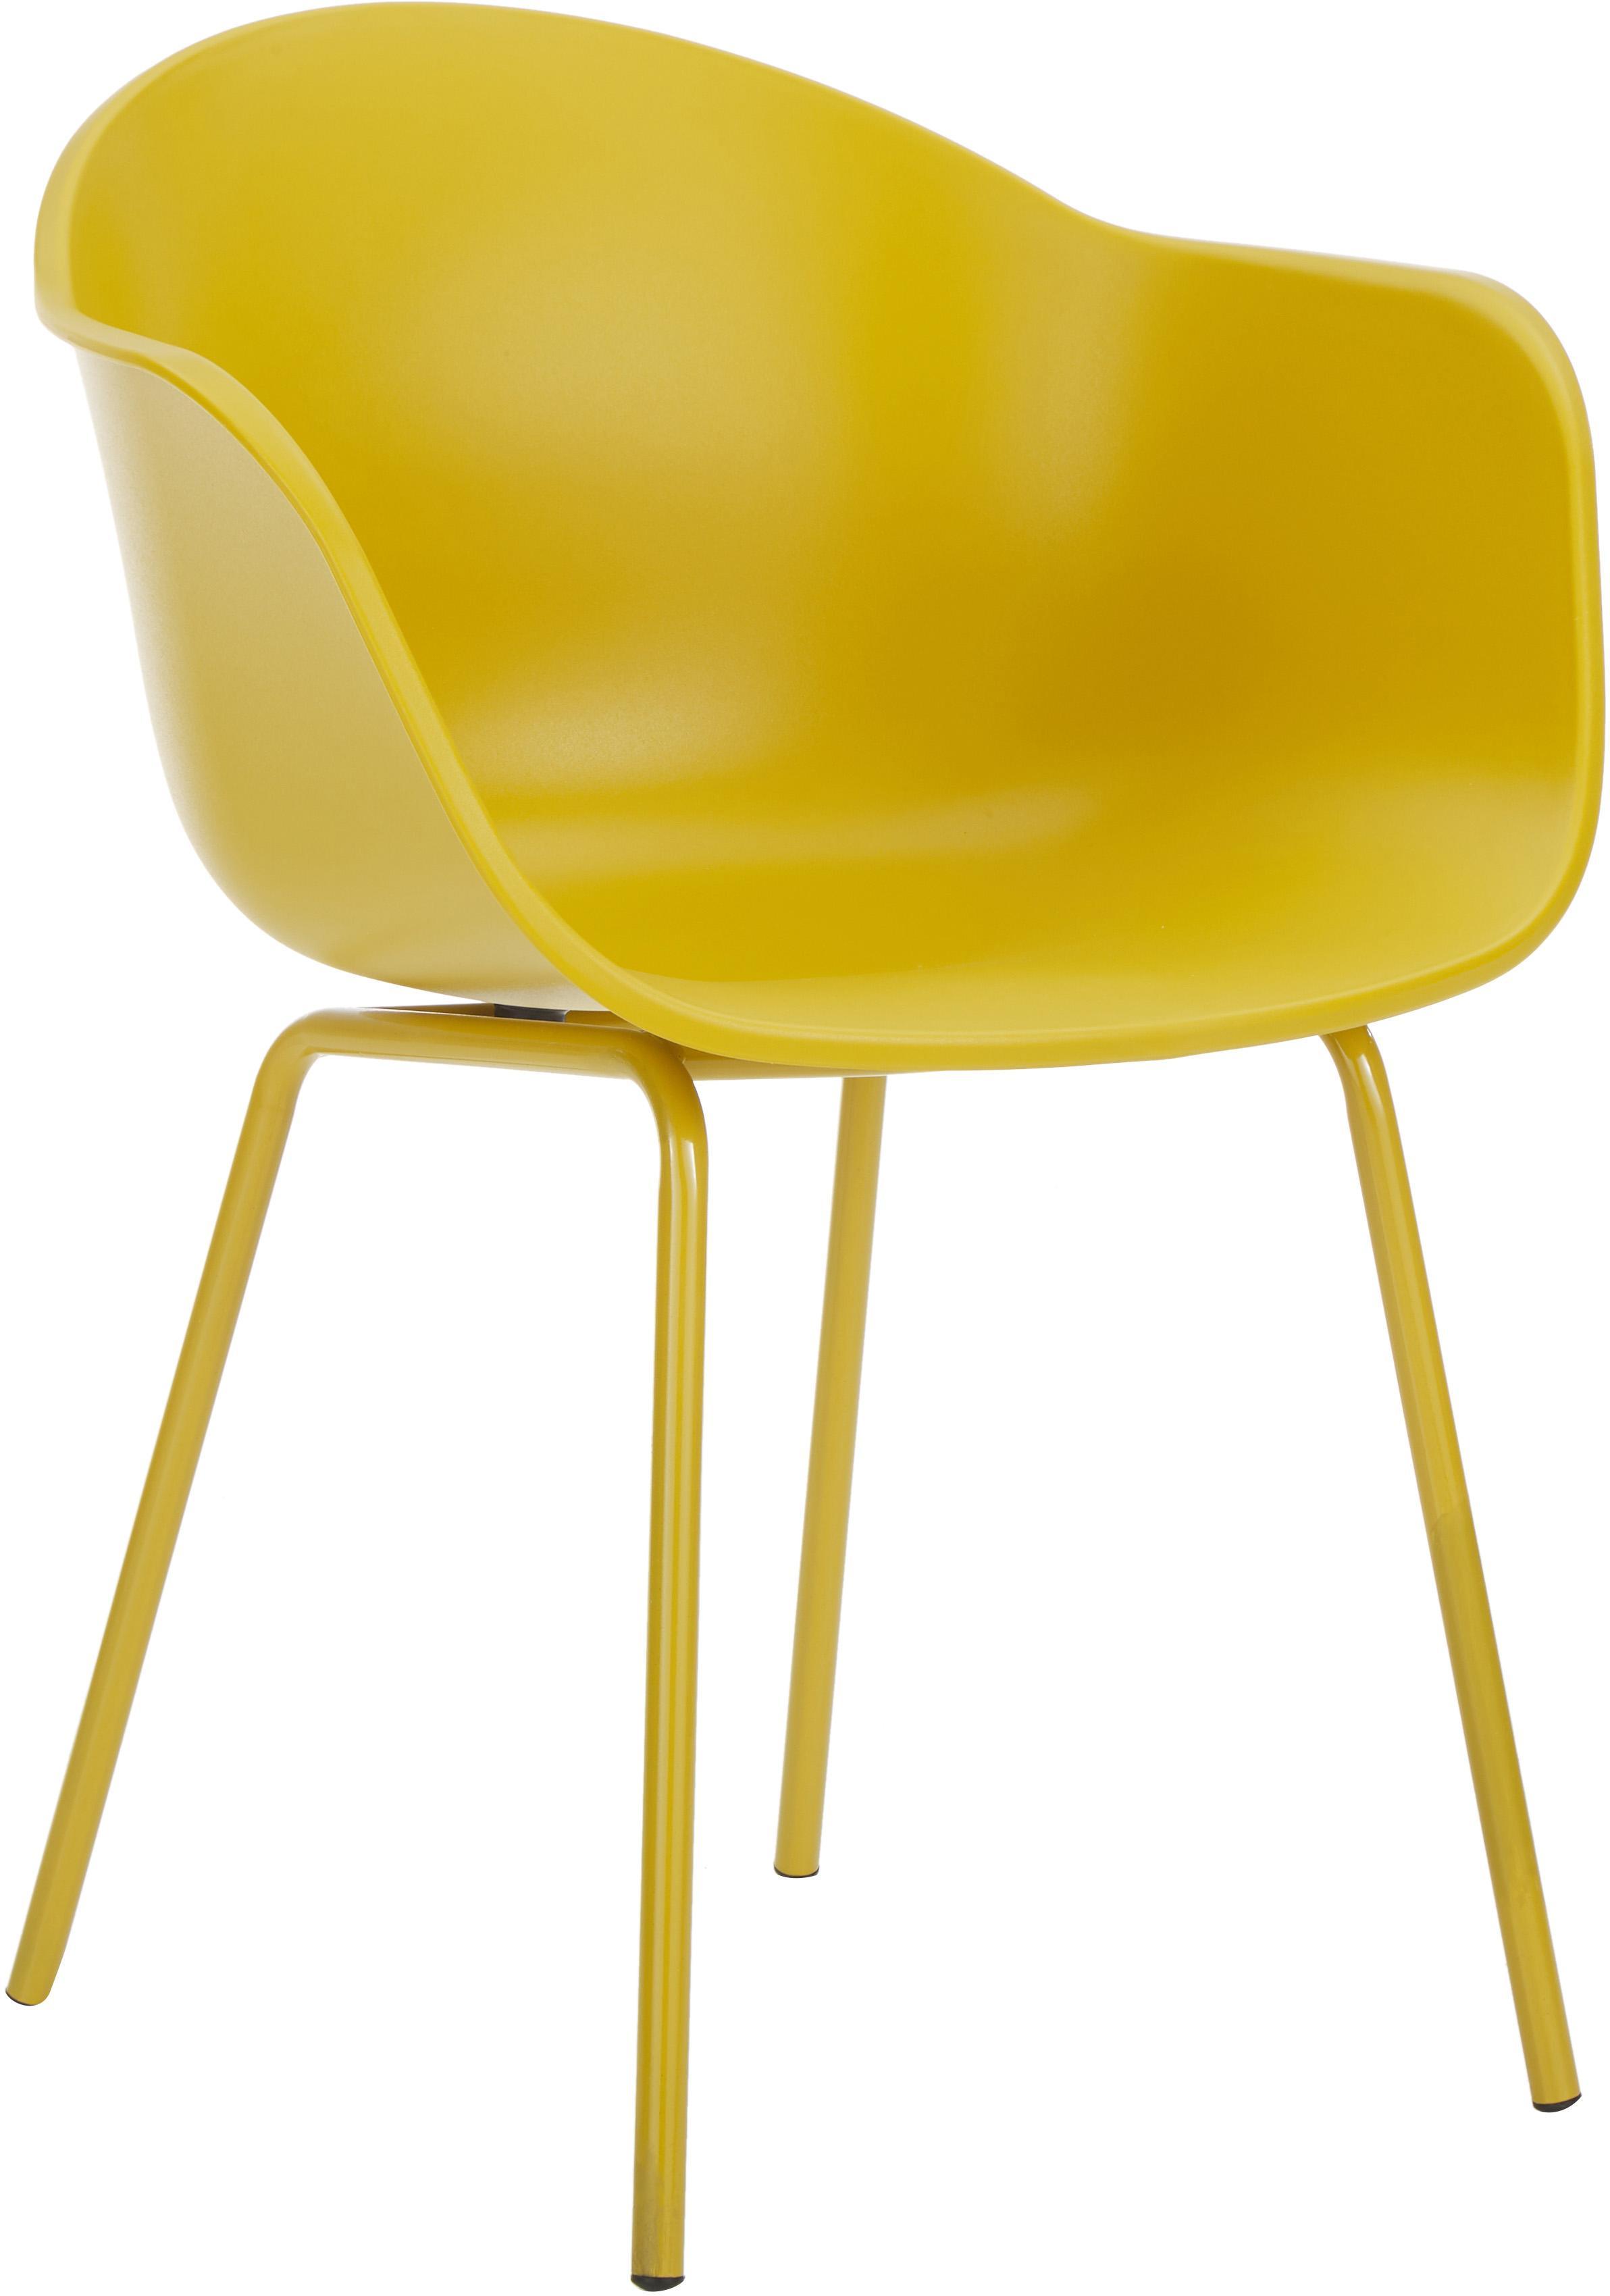 Kunststoff-Armlehnstuhl Claire mit Metallbeinen, Sitzschale: Kunststoff, Beine: Metall, pulverbeschichtet, Gelb, B 54 x T 60 cm